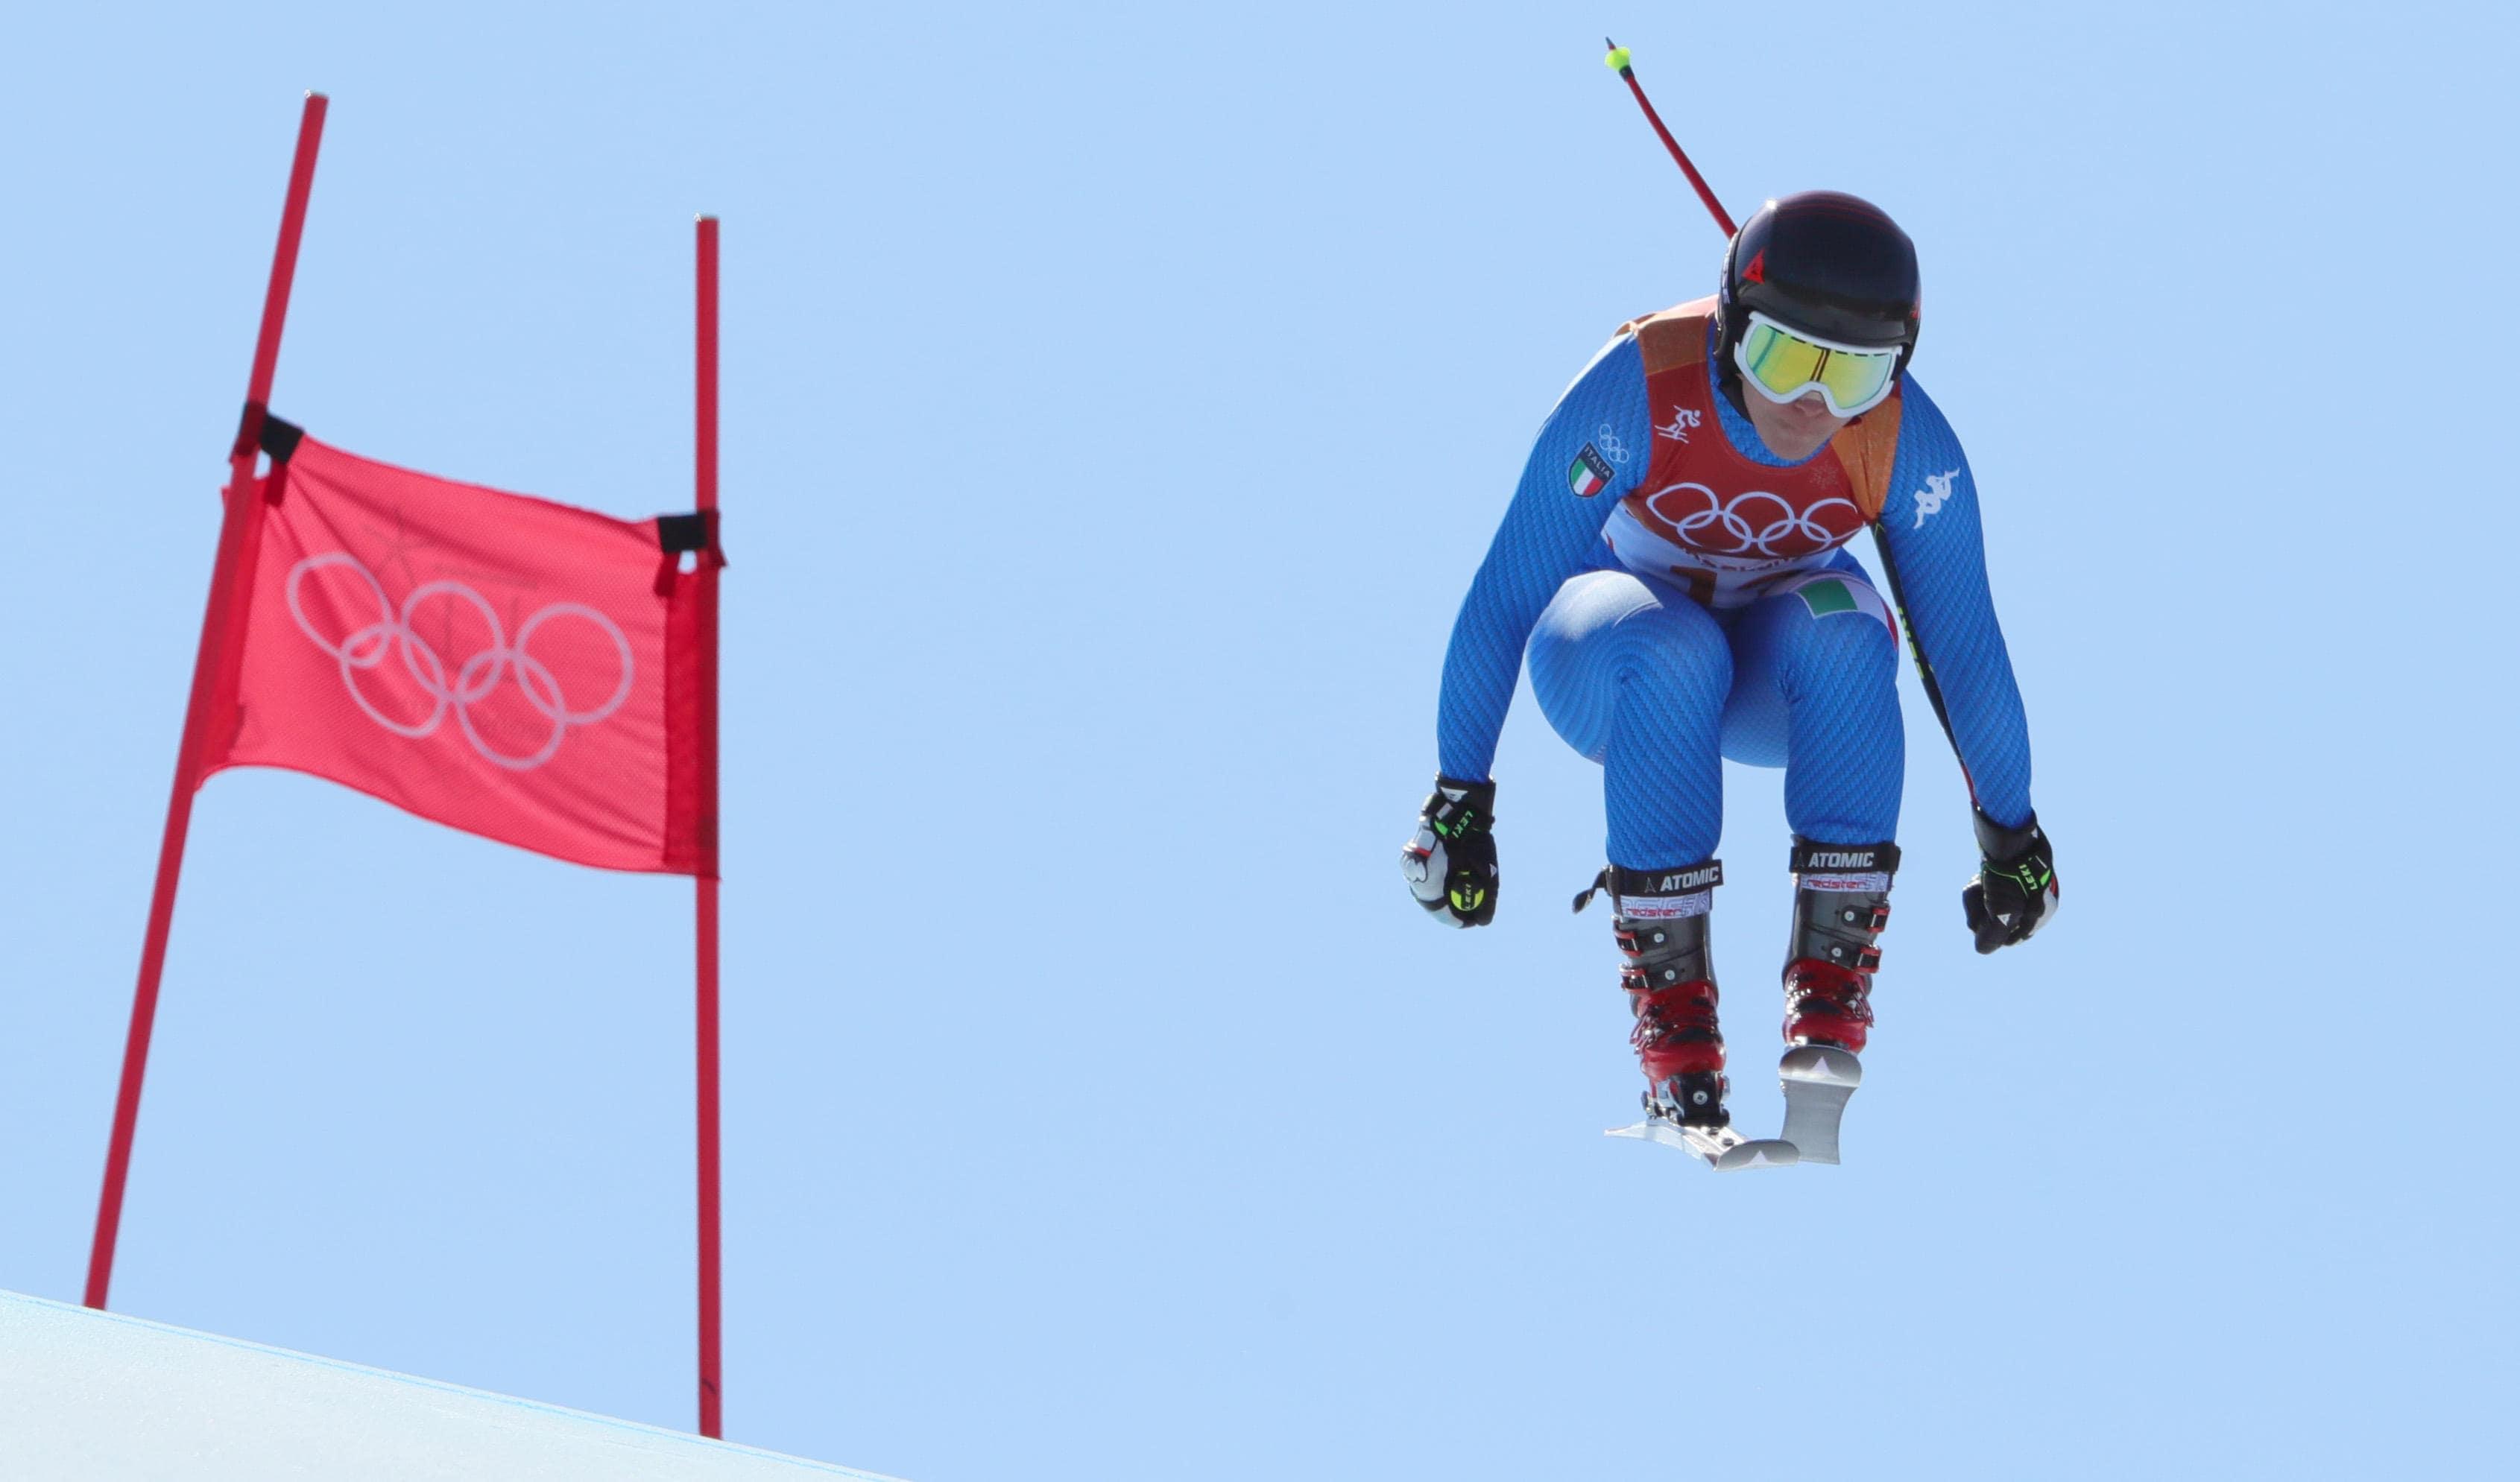 Le foto più belle della sciatrice Sofia Goggia, oro alle Olimpiadi / Image 3